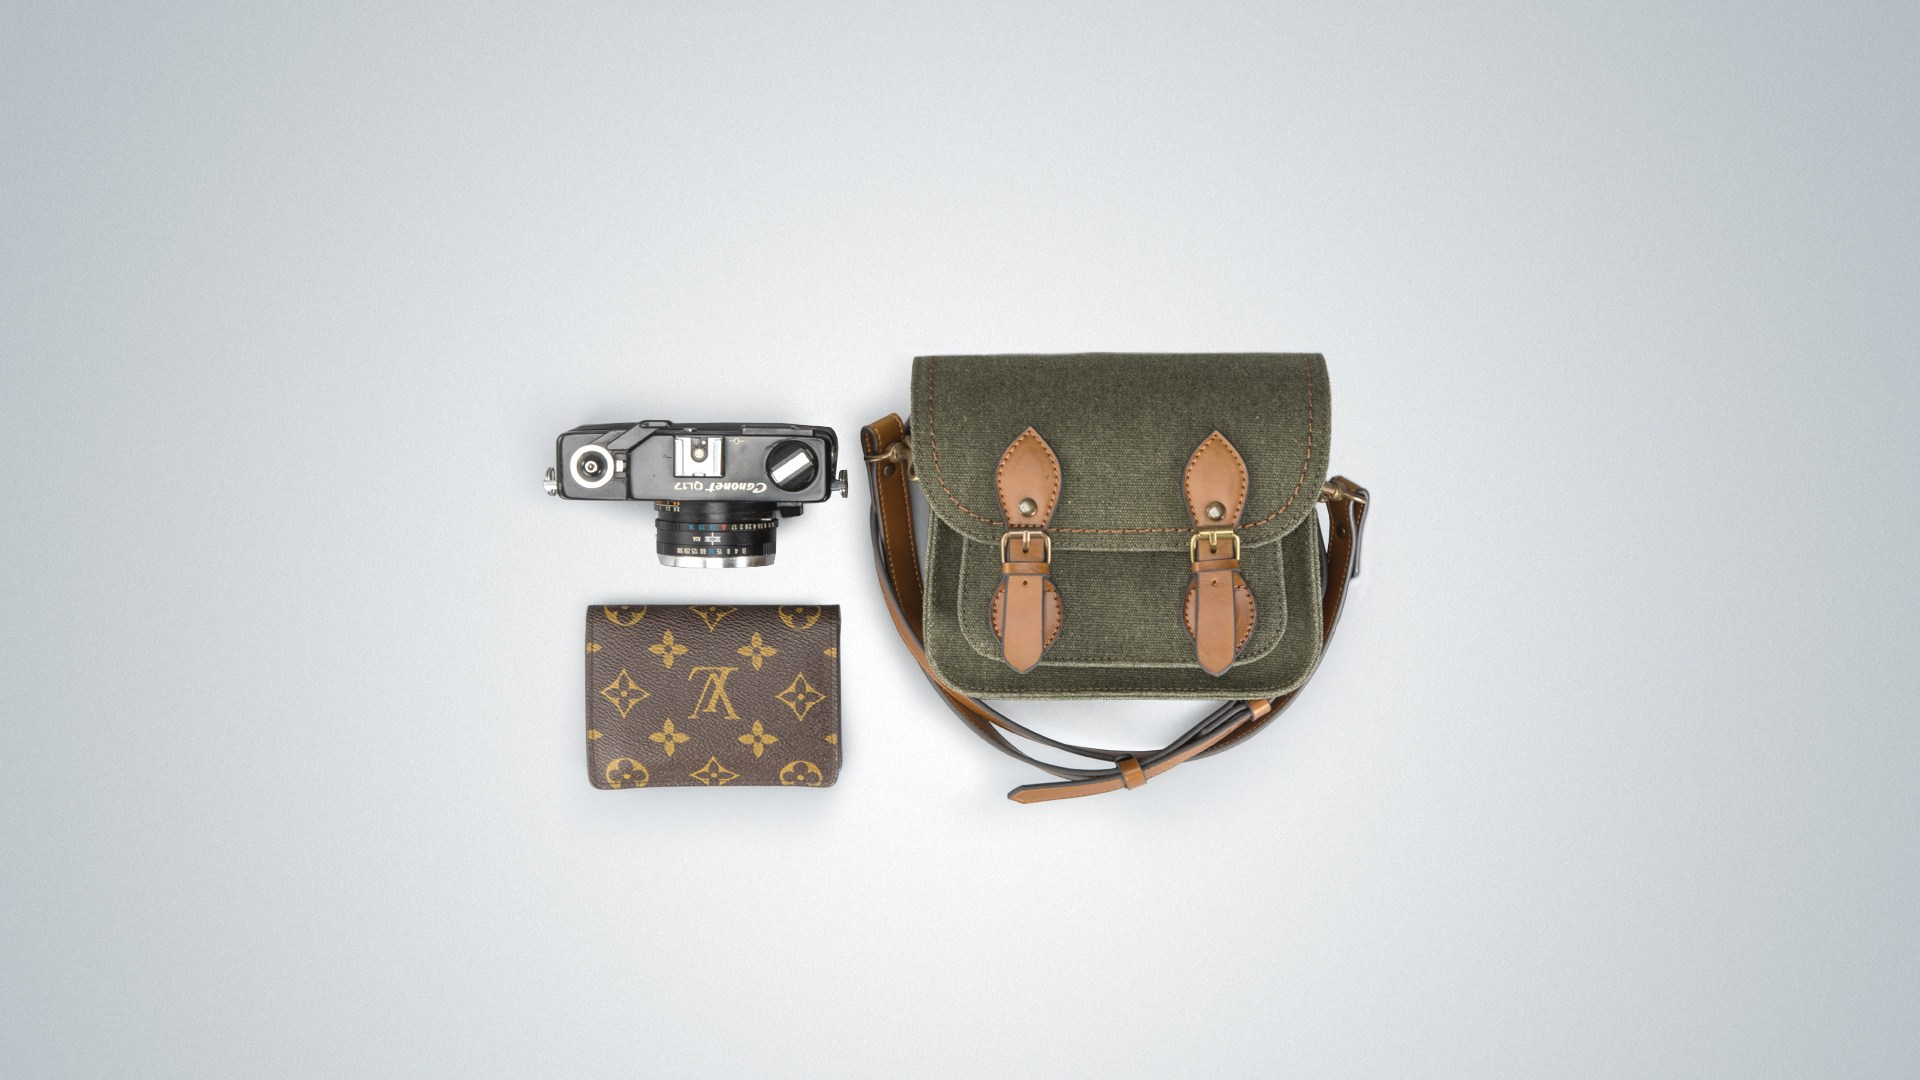 Túi máy ảnh Herringbone Papaspocket V4 Micro - Olive color - Hàng chính hãng